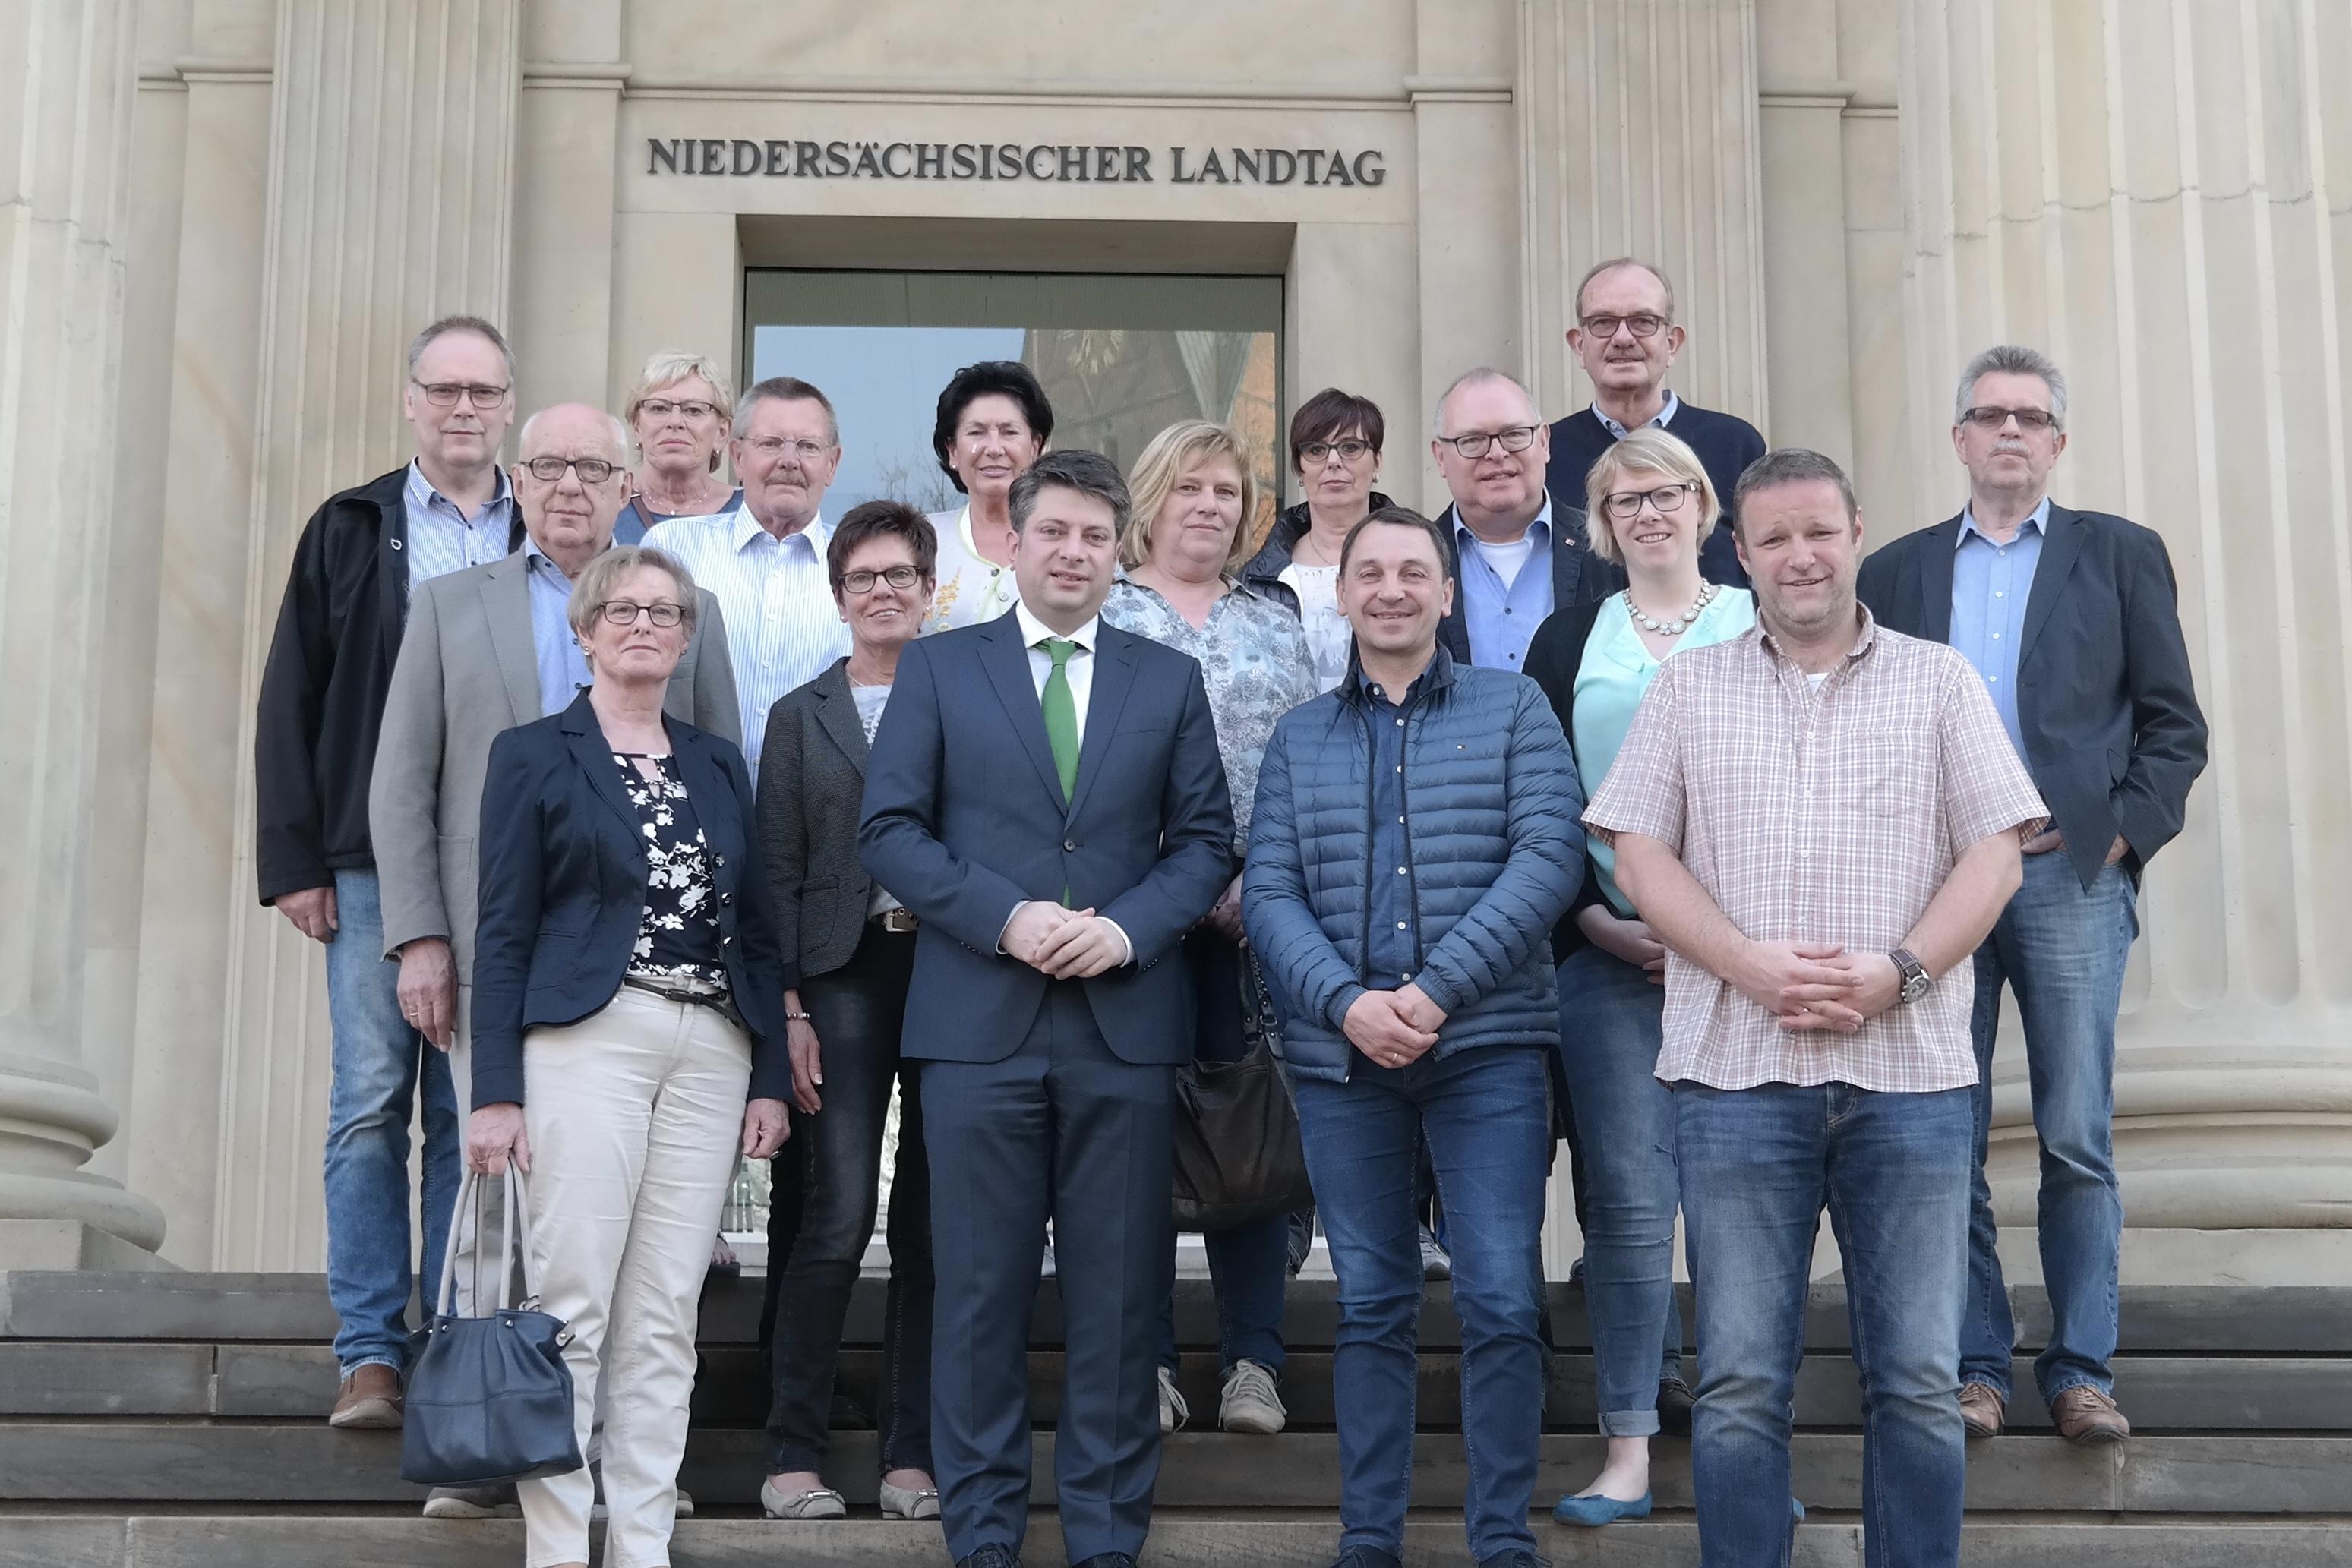 Die CDU-Alfhausen zu Besuch im Niedersächsischen Landtag.